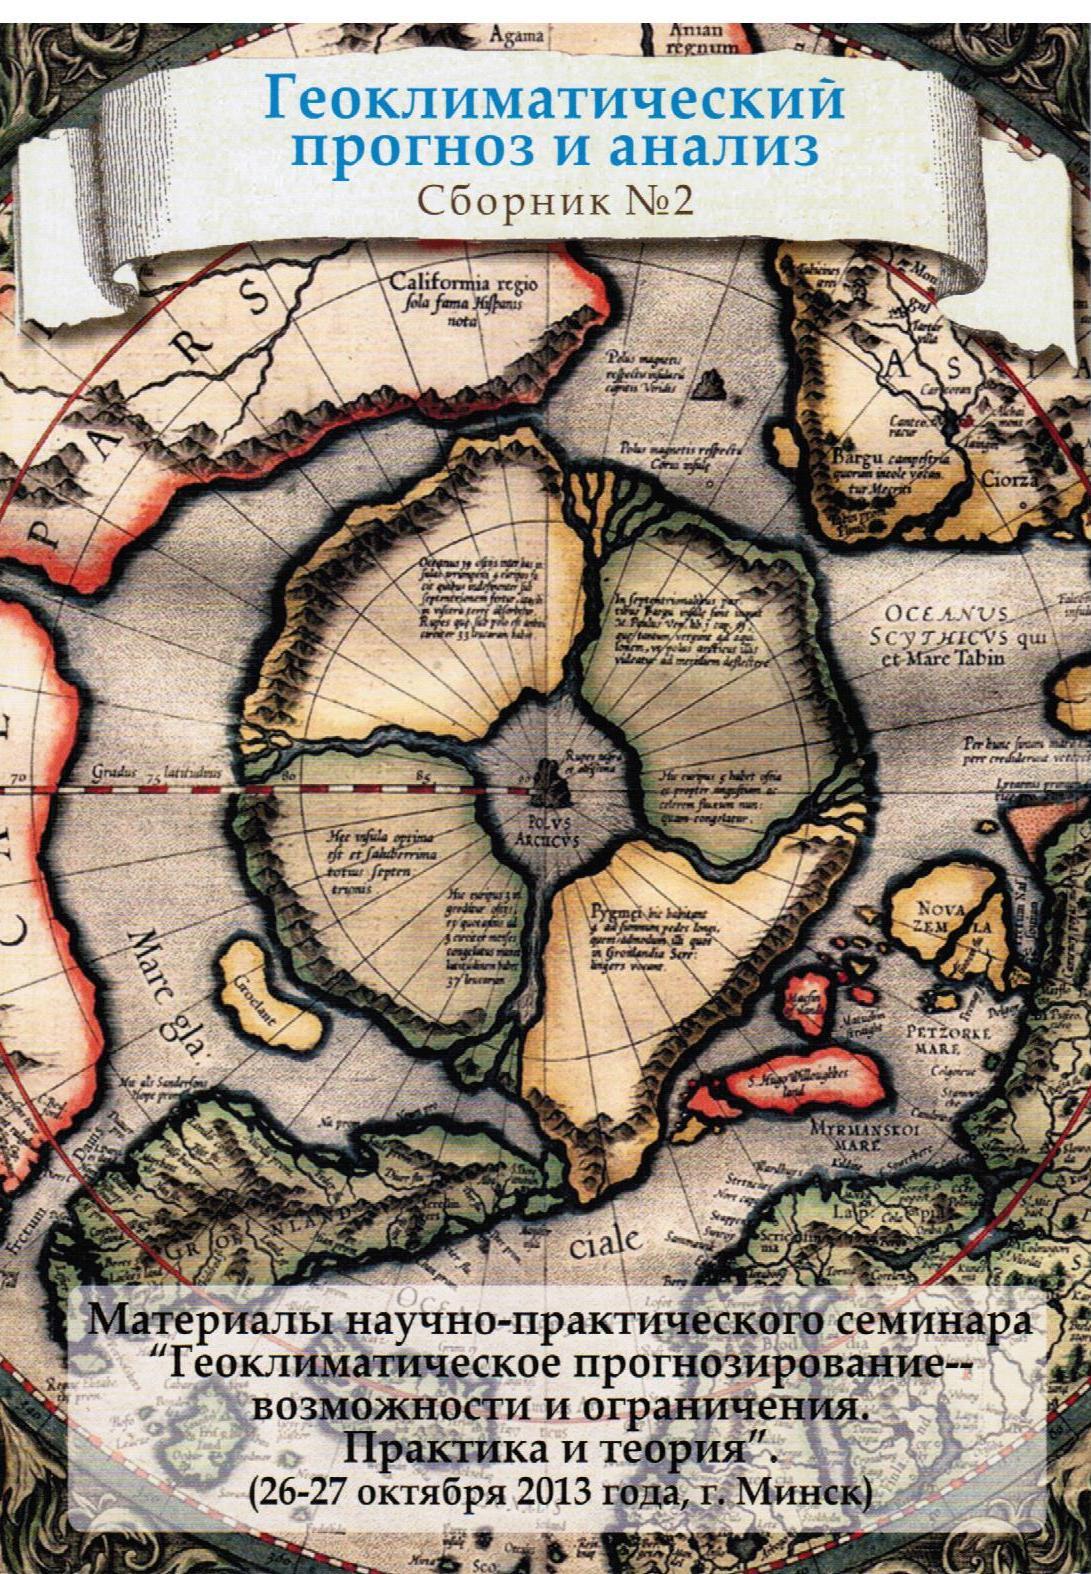 Геоклиматический прогноз и анализ №2